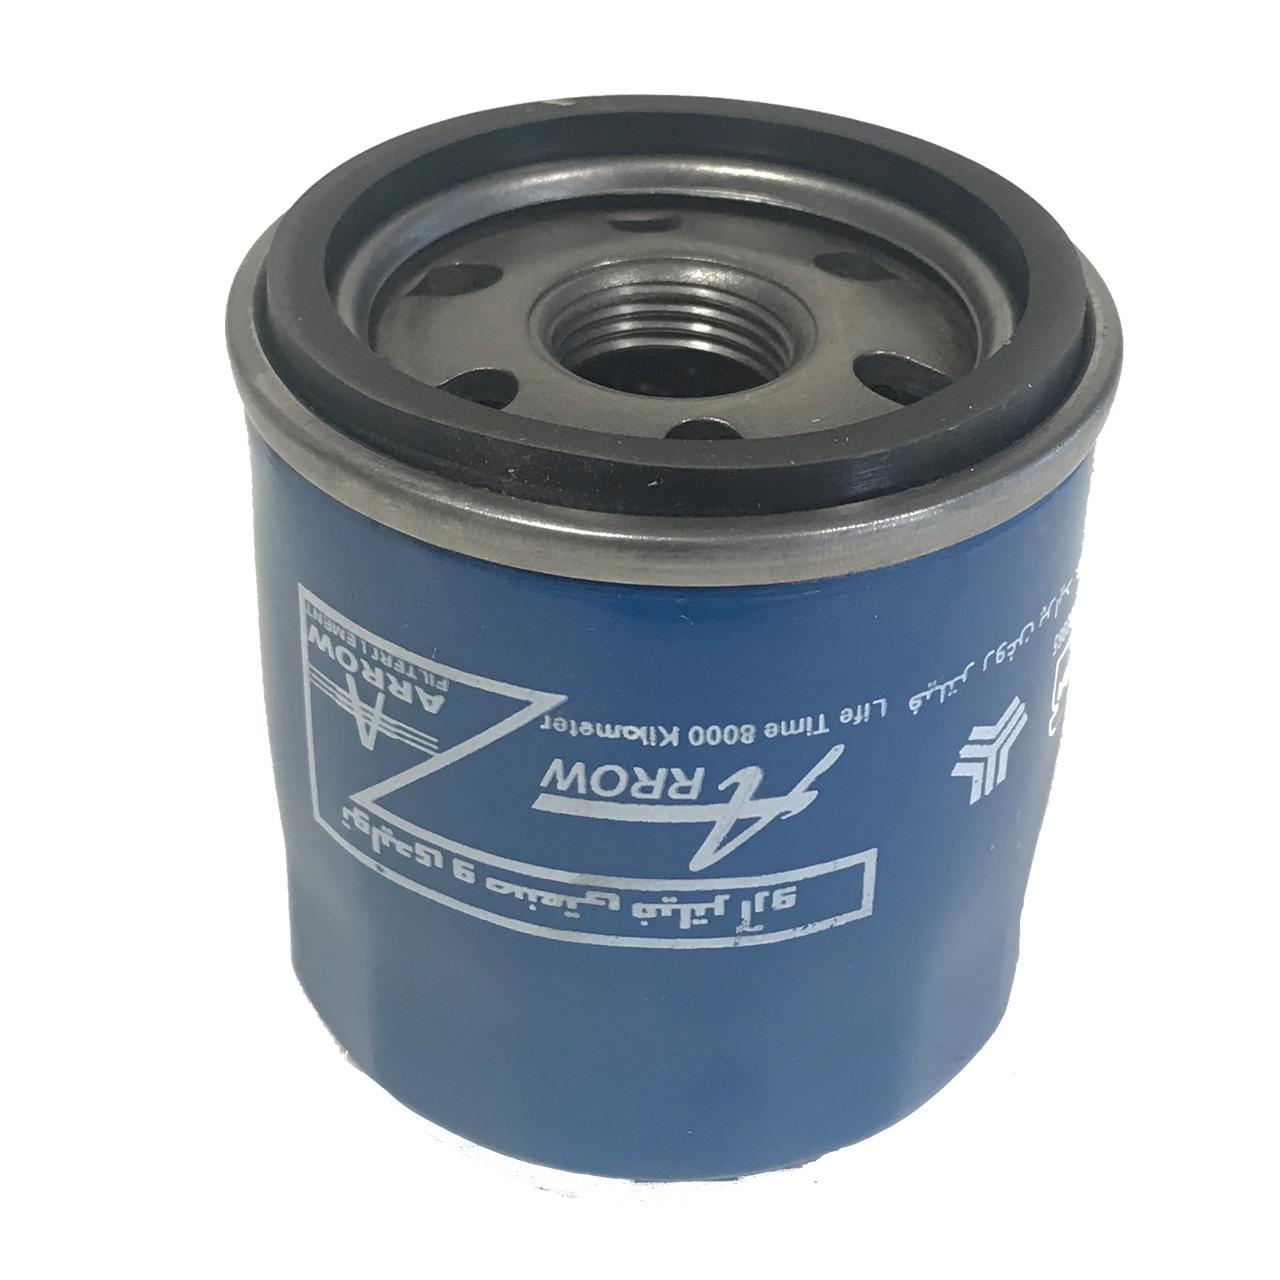 فیلتر روغن خودرو آرو کد 50735 مناسب برای گروه سایپا